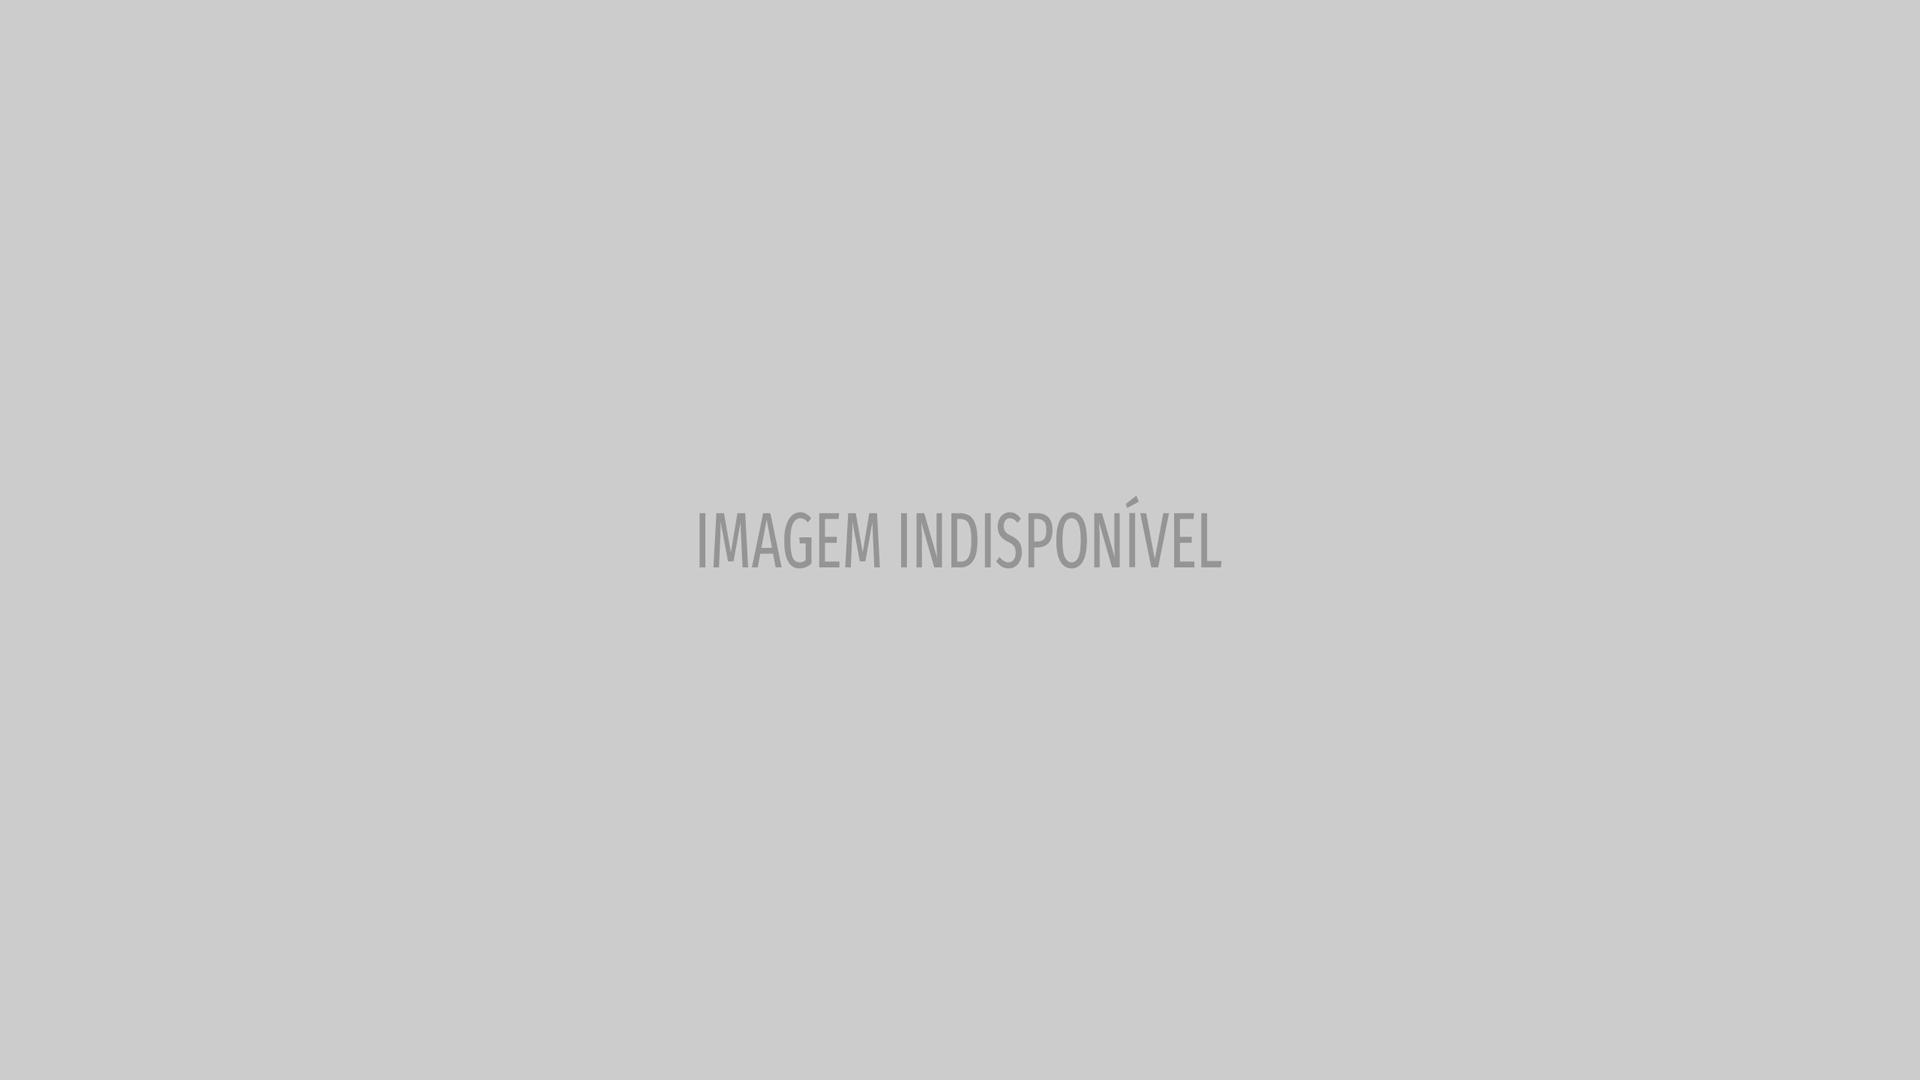 Ator português encontrado morto em praia deixou carta à família